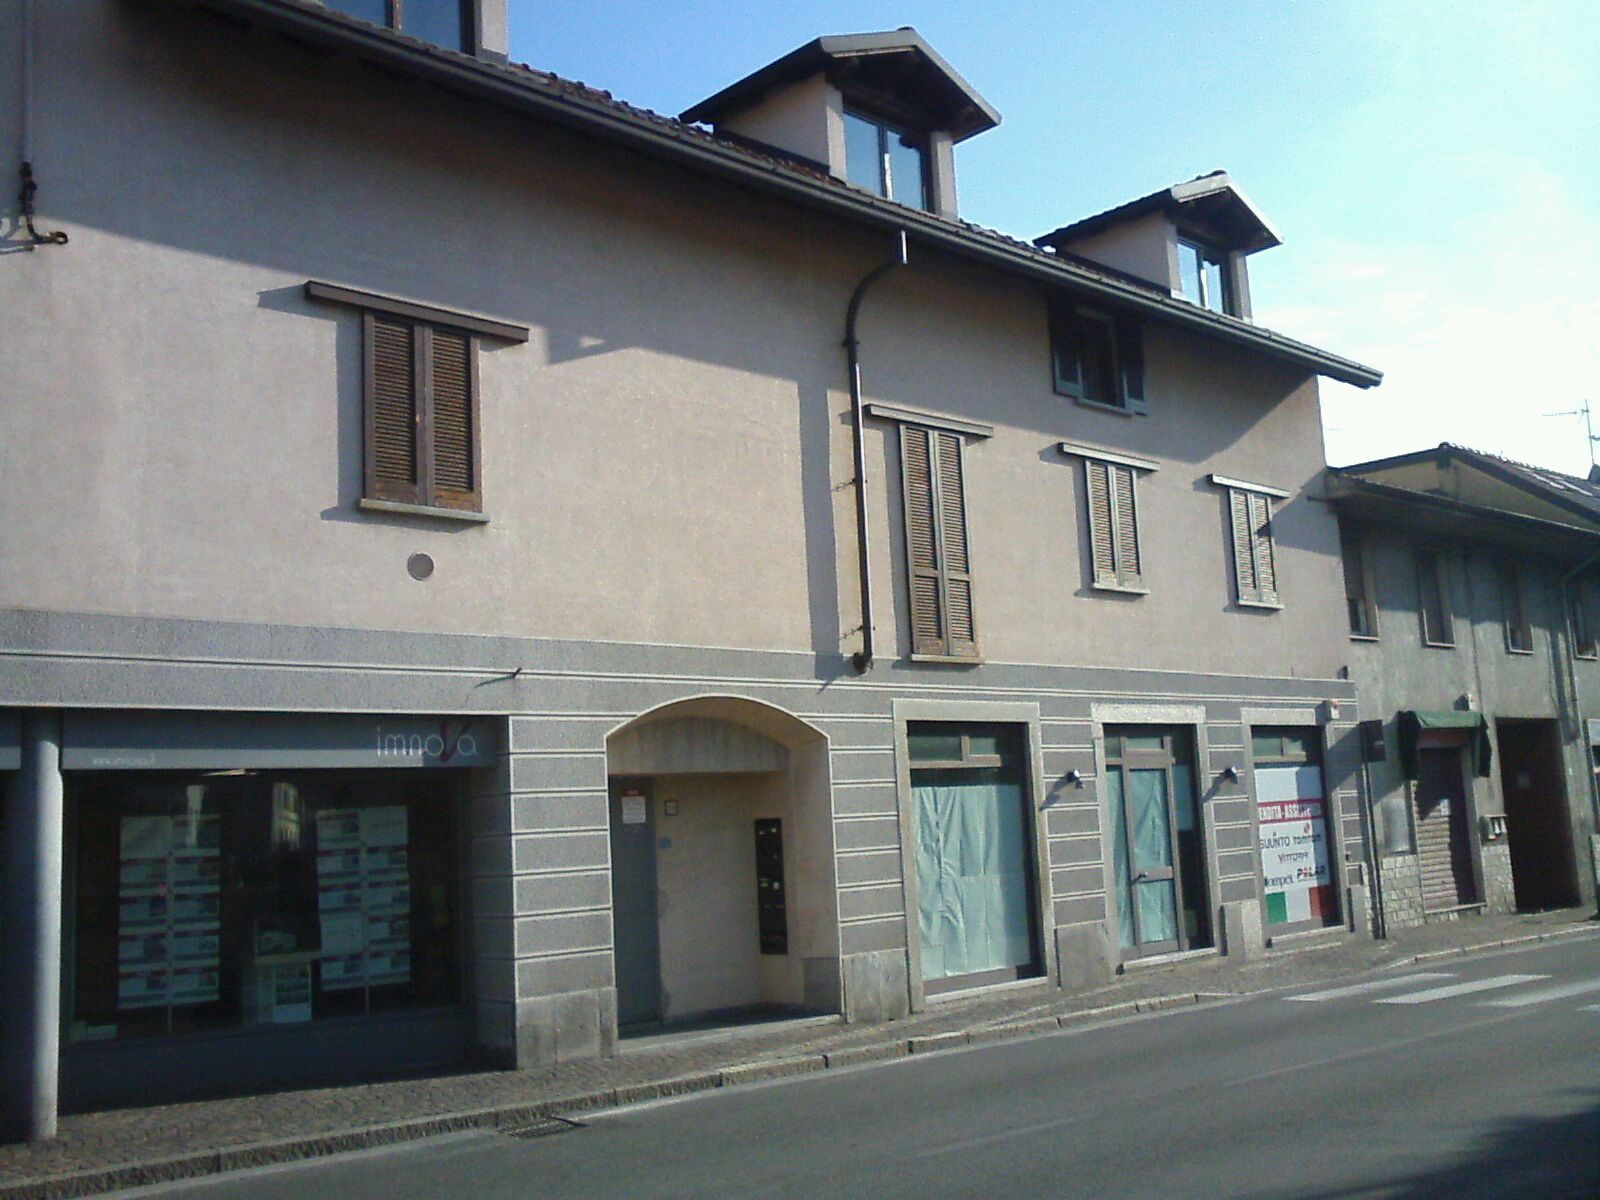 Appartamento in Vendita a Barlassina: 3 locali, 78 mq